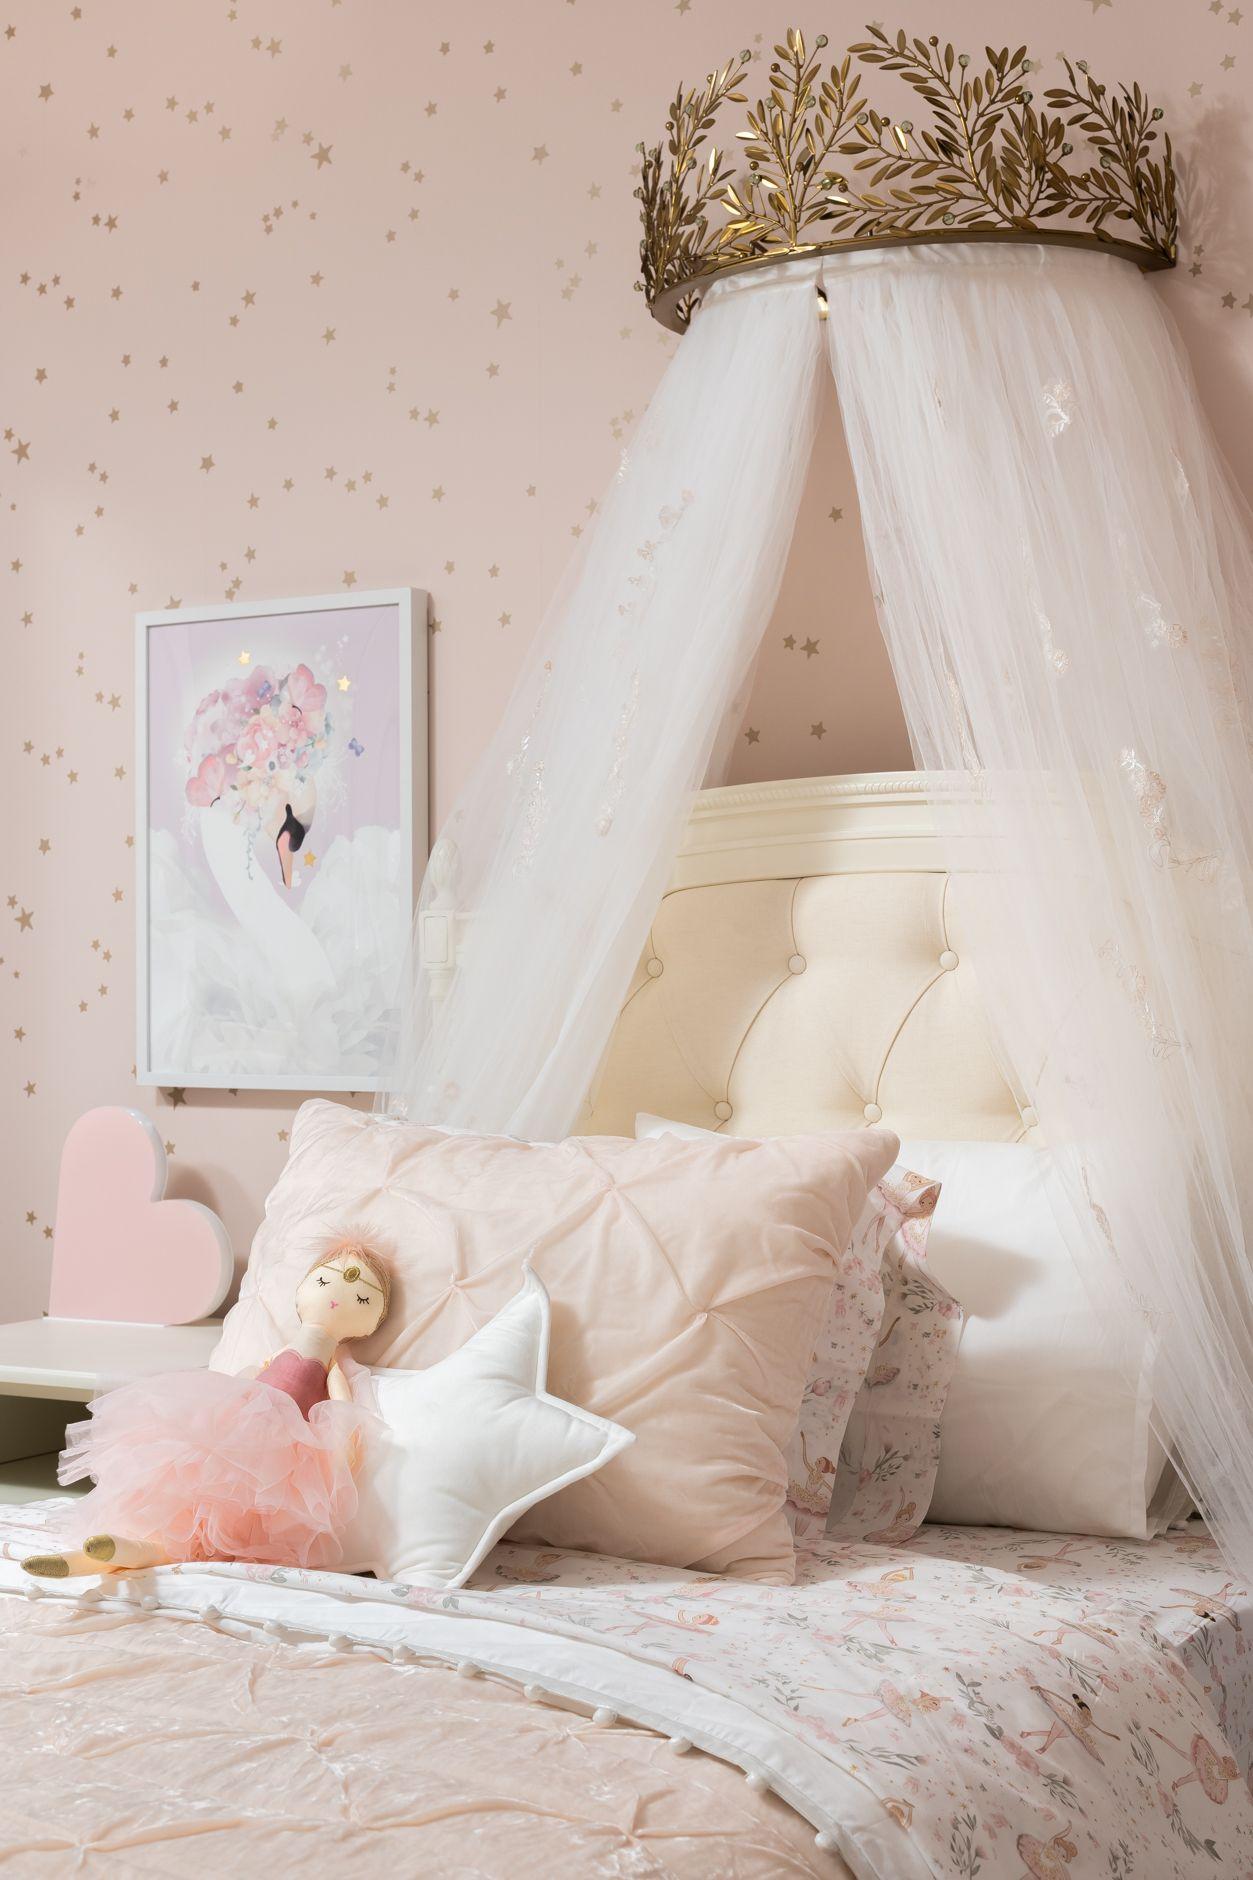 Aria's princess room Girls bedroom wallpaper, Ballerina